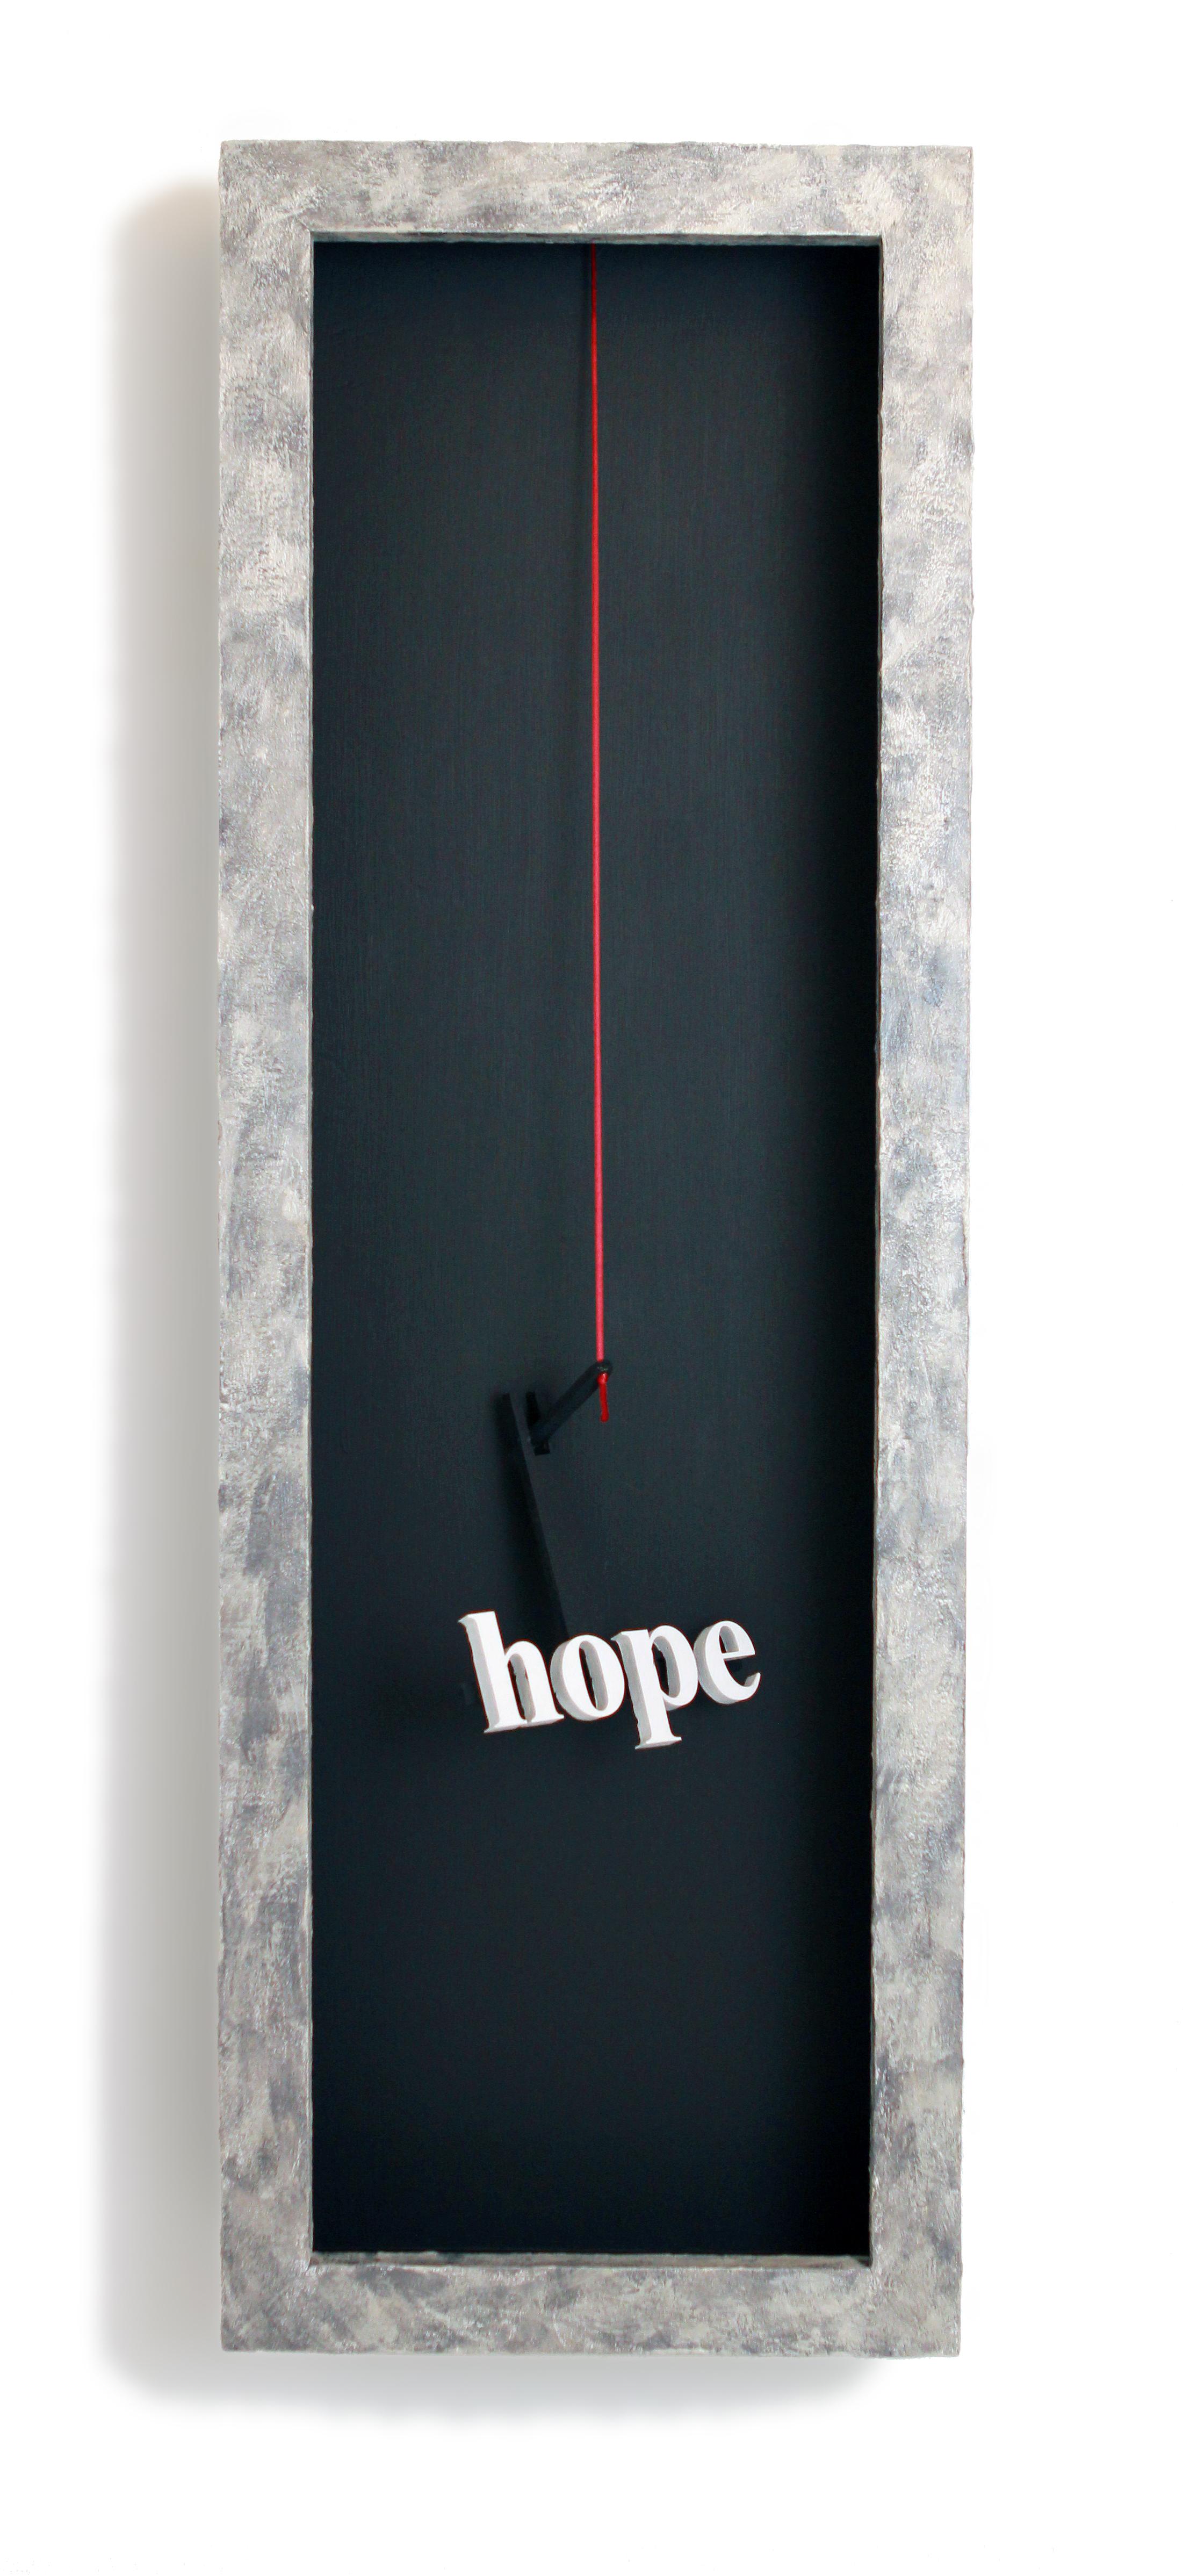 detritus: hope